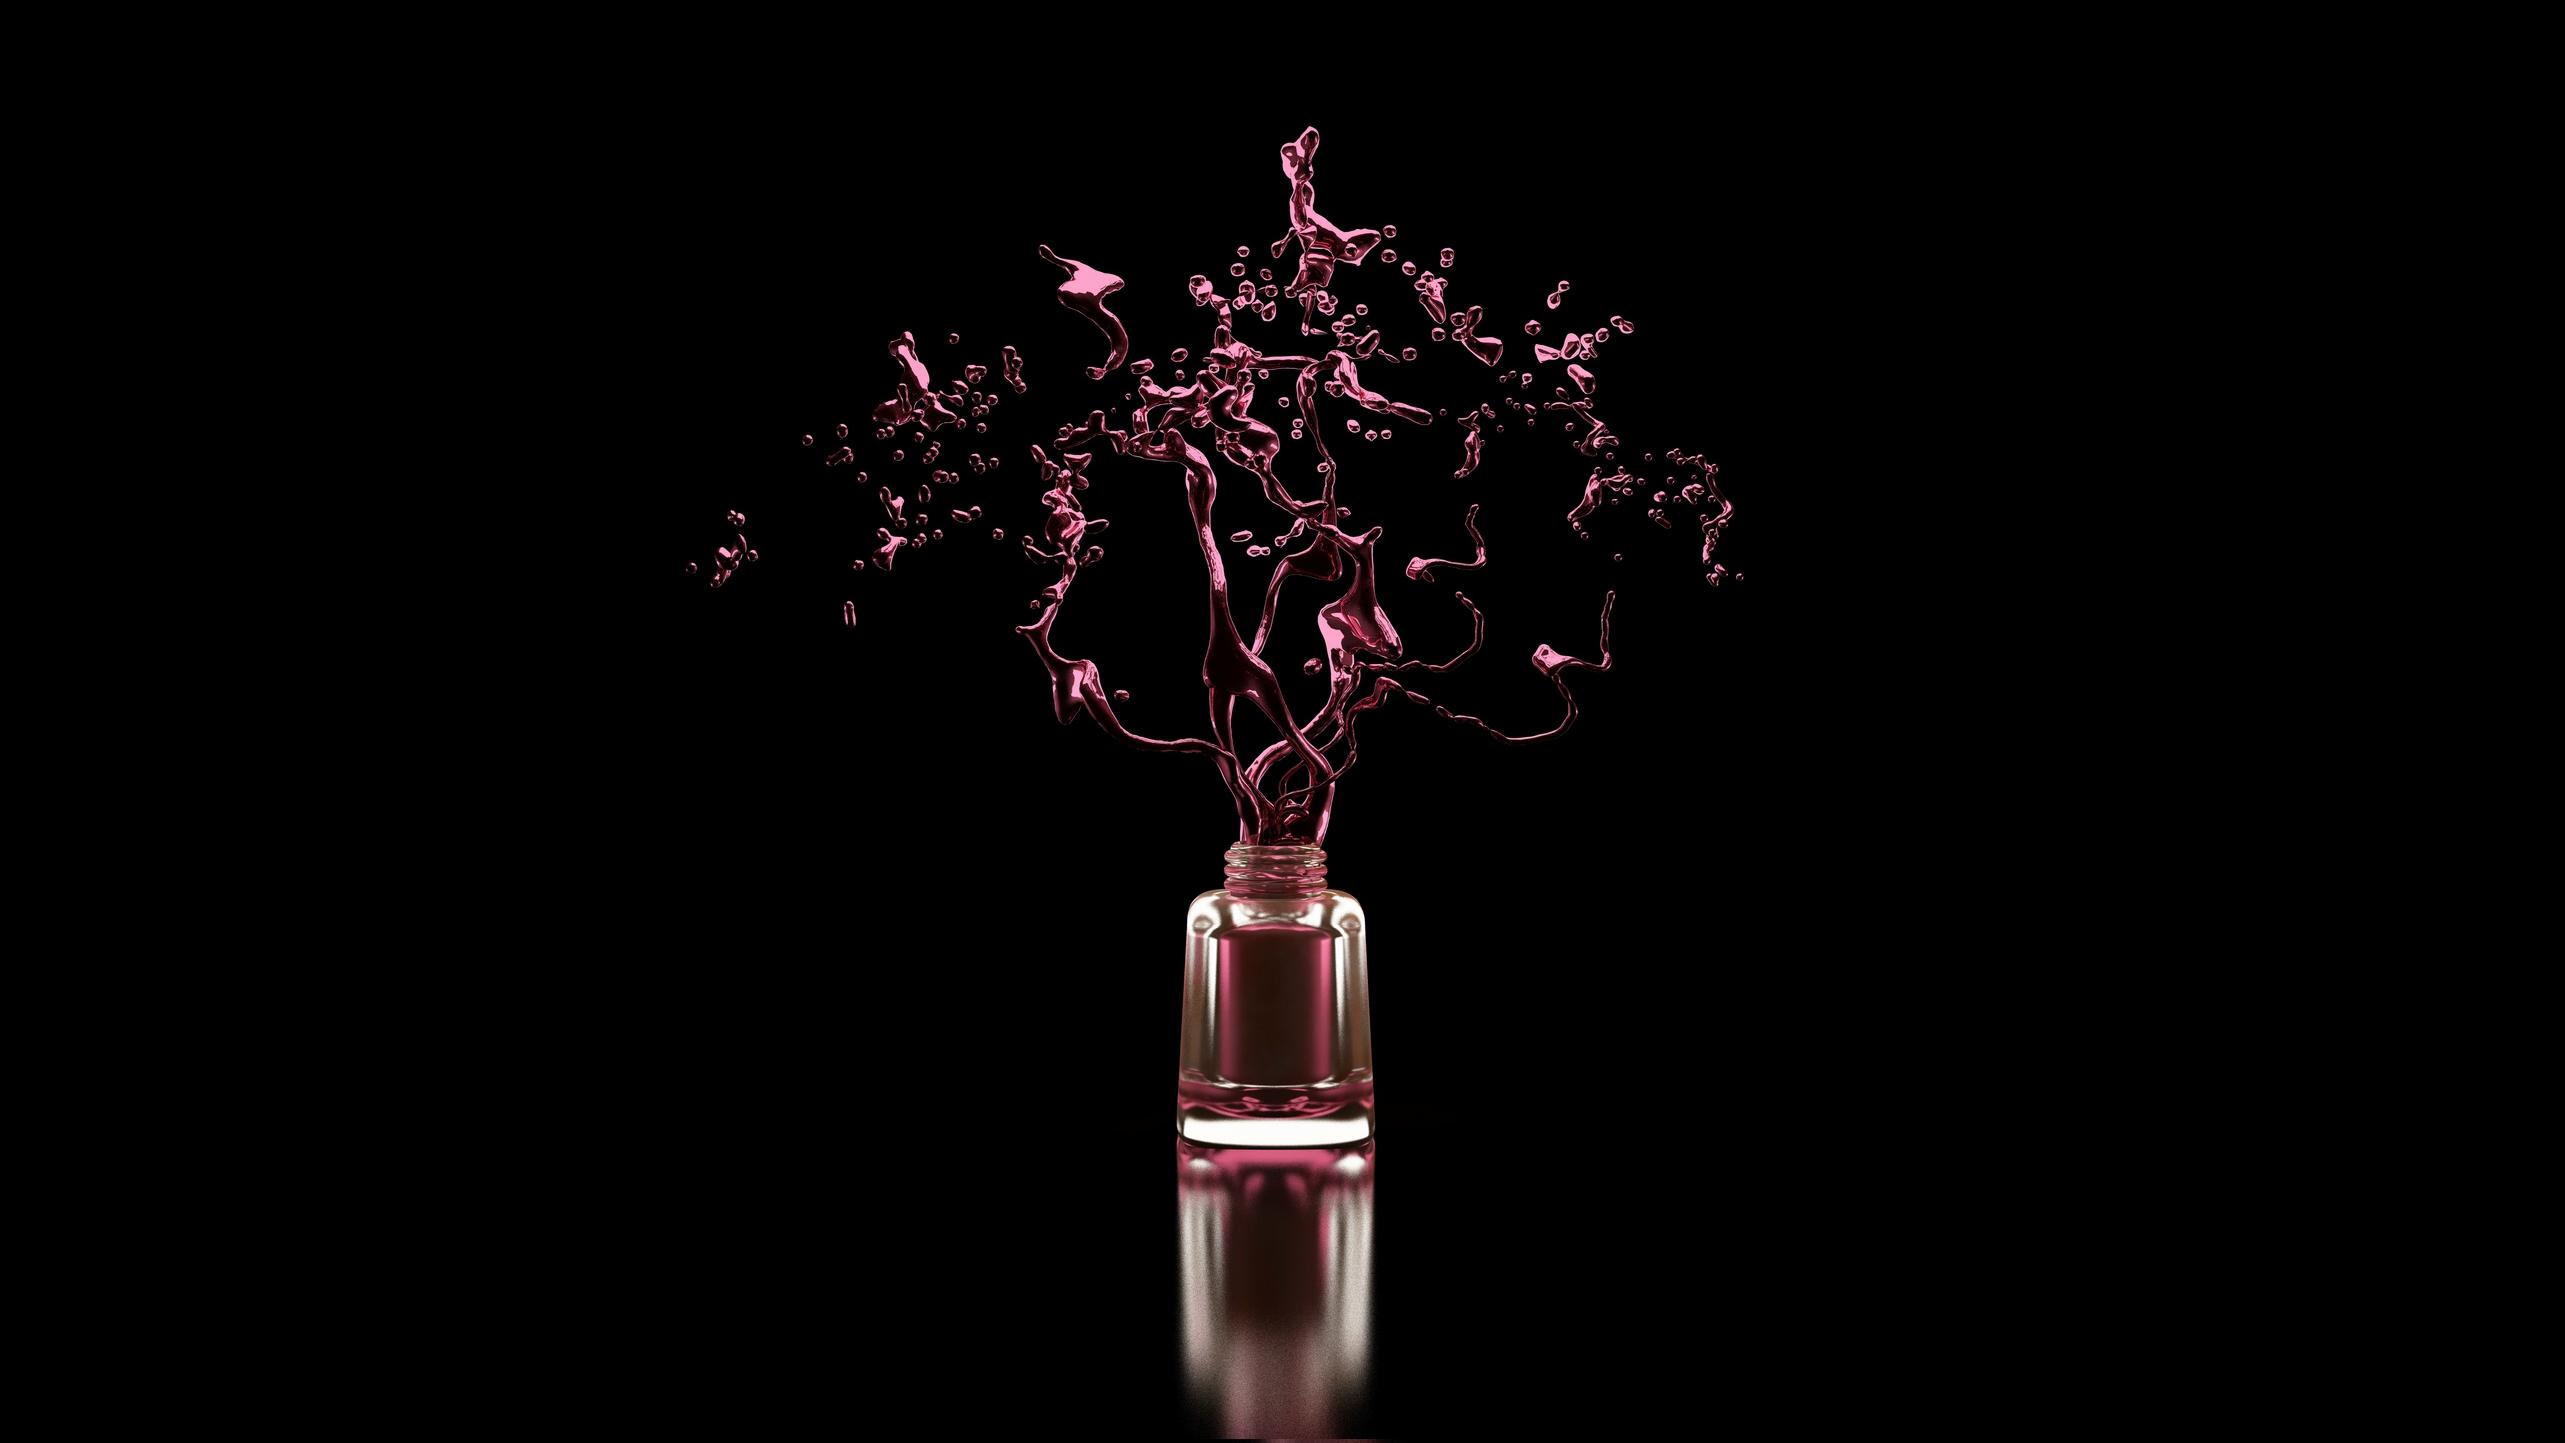 Stylischer schwarzer Hintergrund mit Nagellackflasche und Spritzer